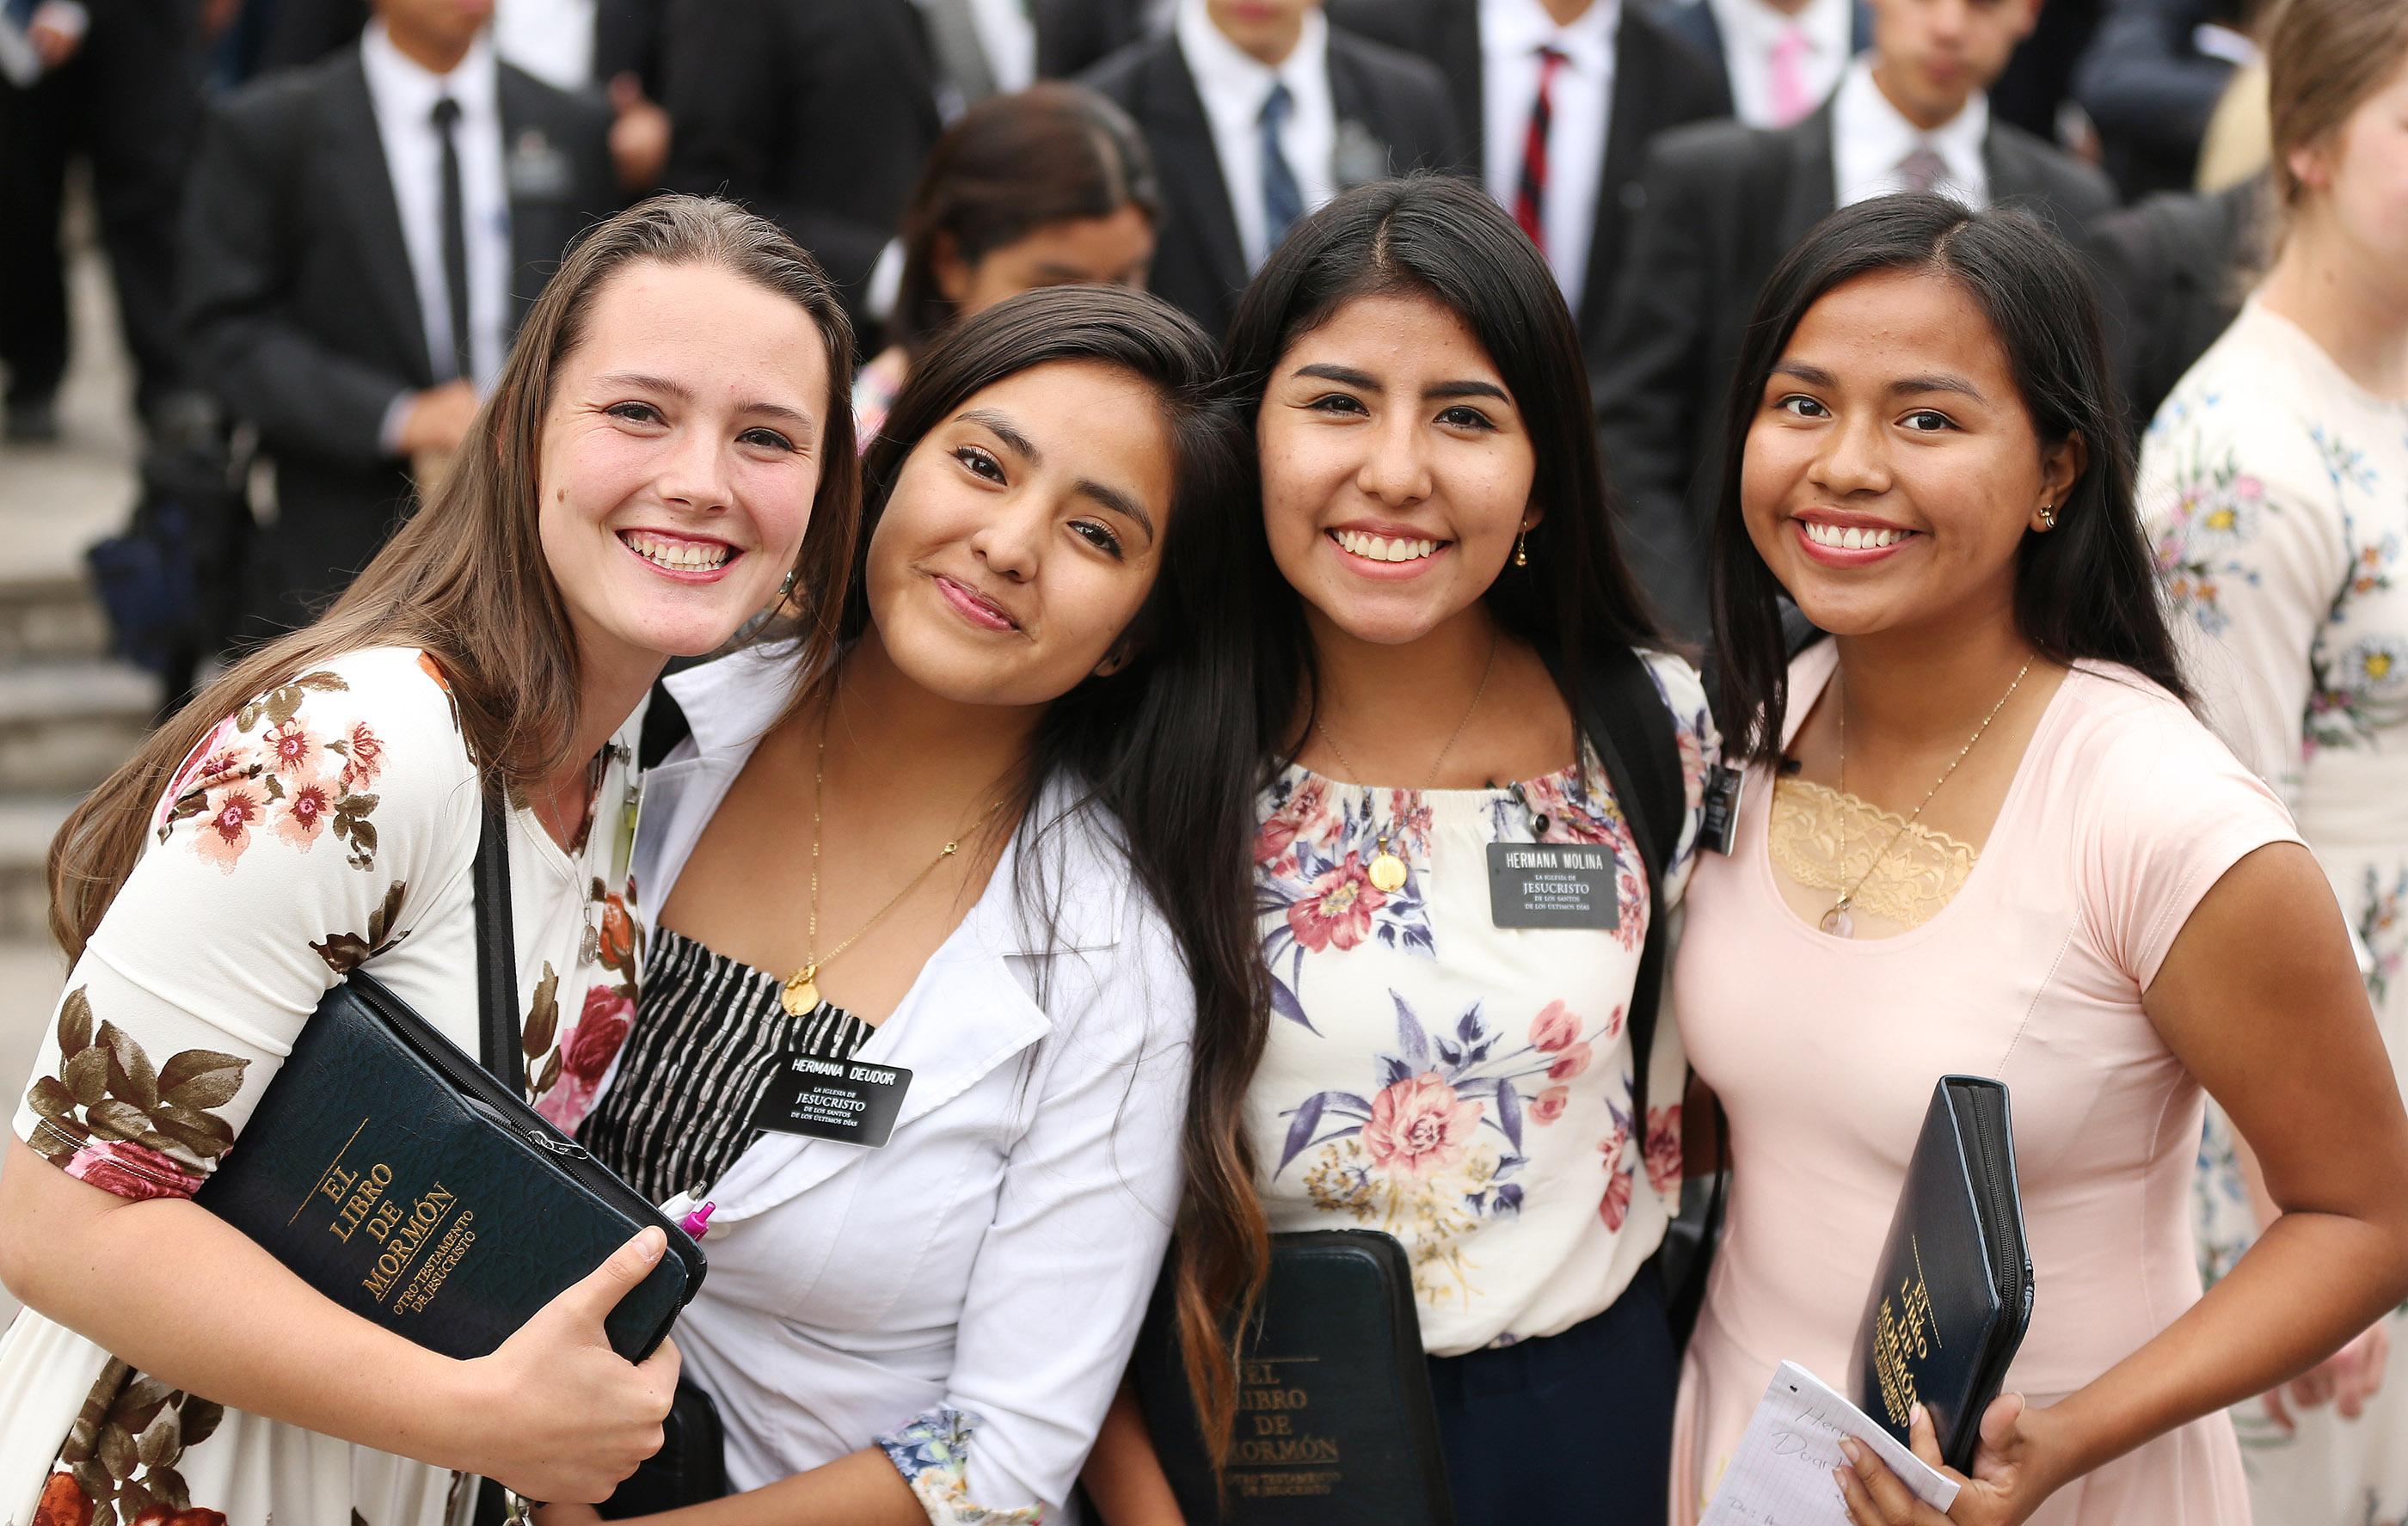 Hermanas misioneras sonríen después de reunirse con el presidente Russell M. Nelson, de La Iglesia de Jesucristo de los Santos de los Últimos Días, en Lima, Perú, el 20 de octubre de 2018.